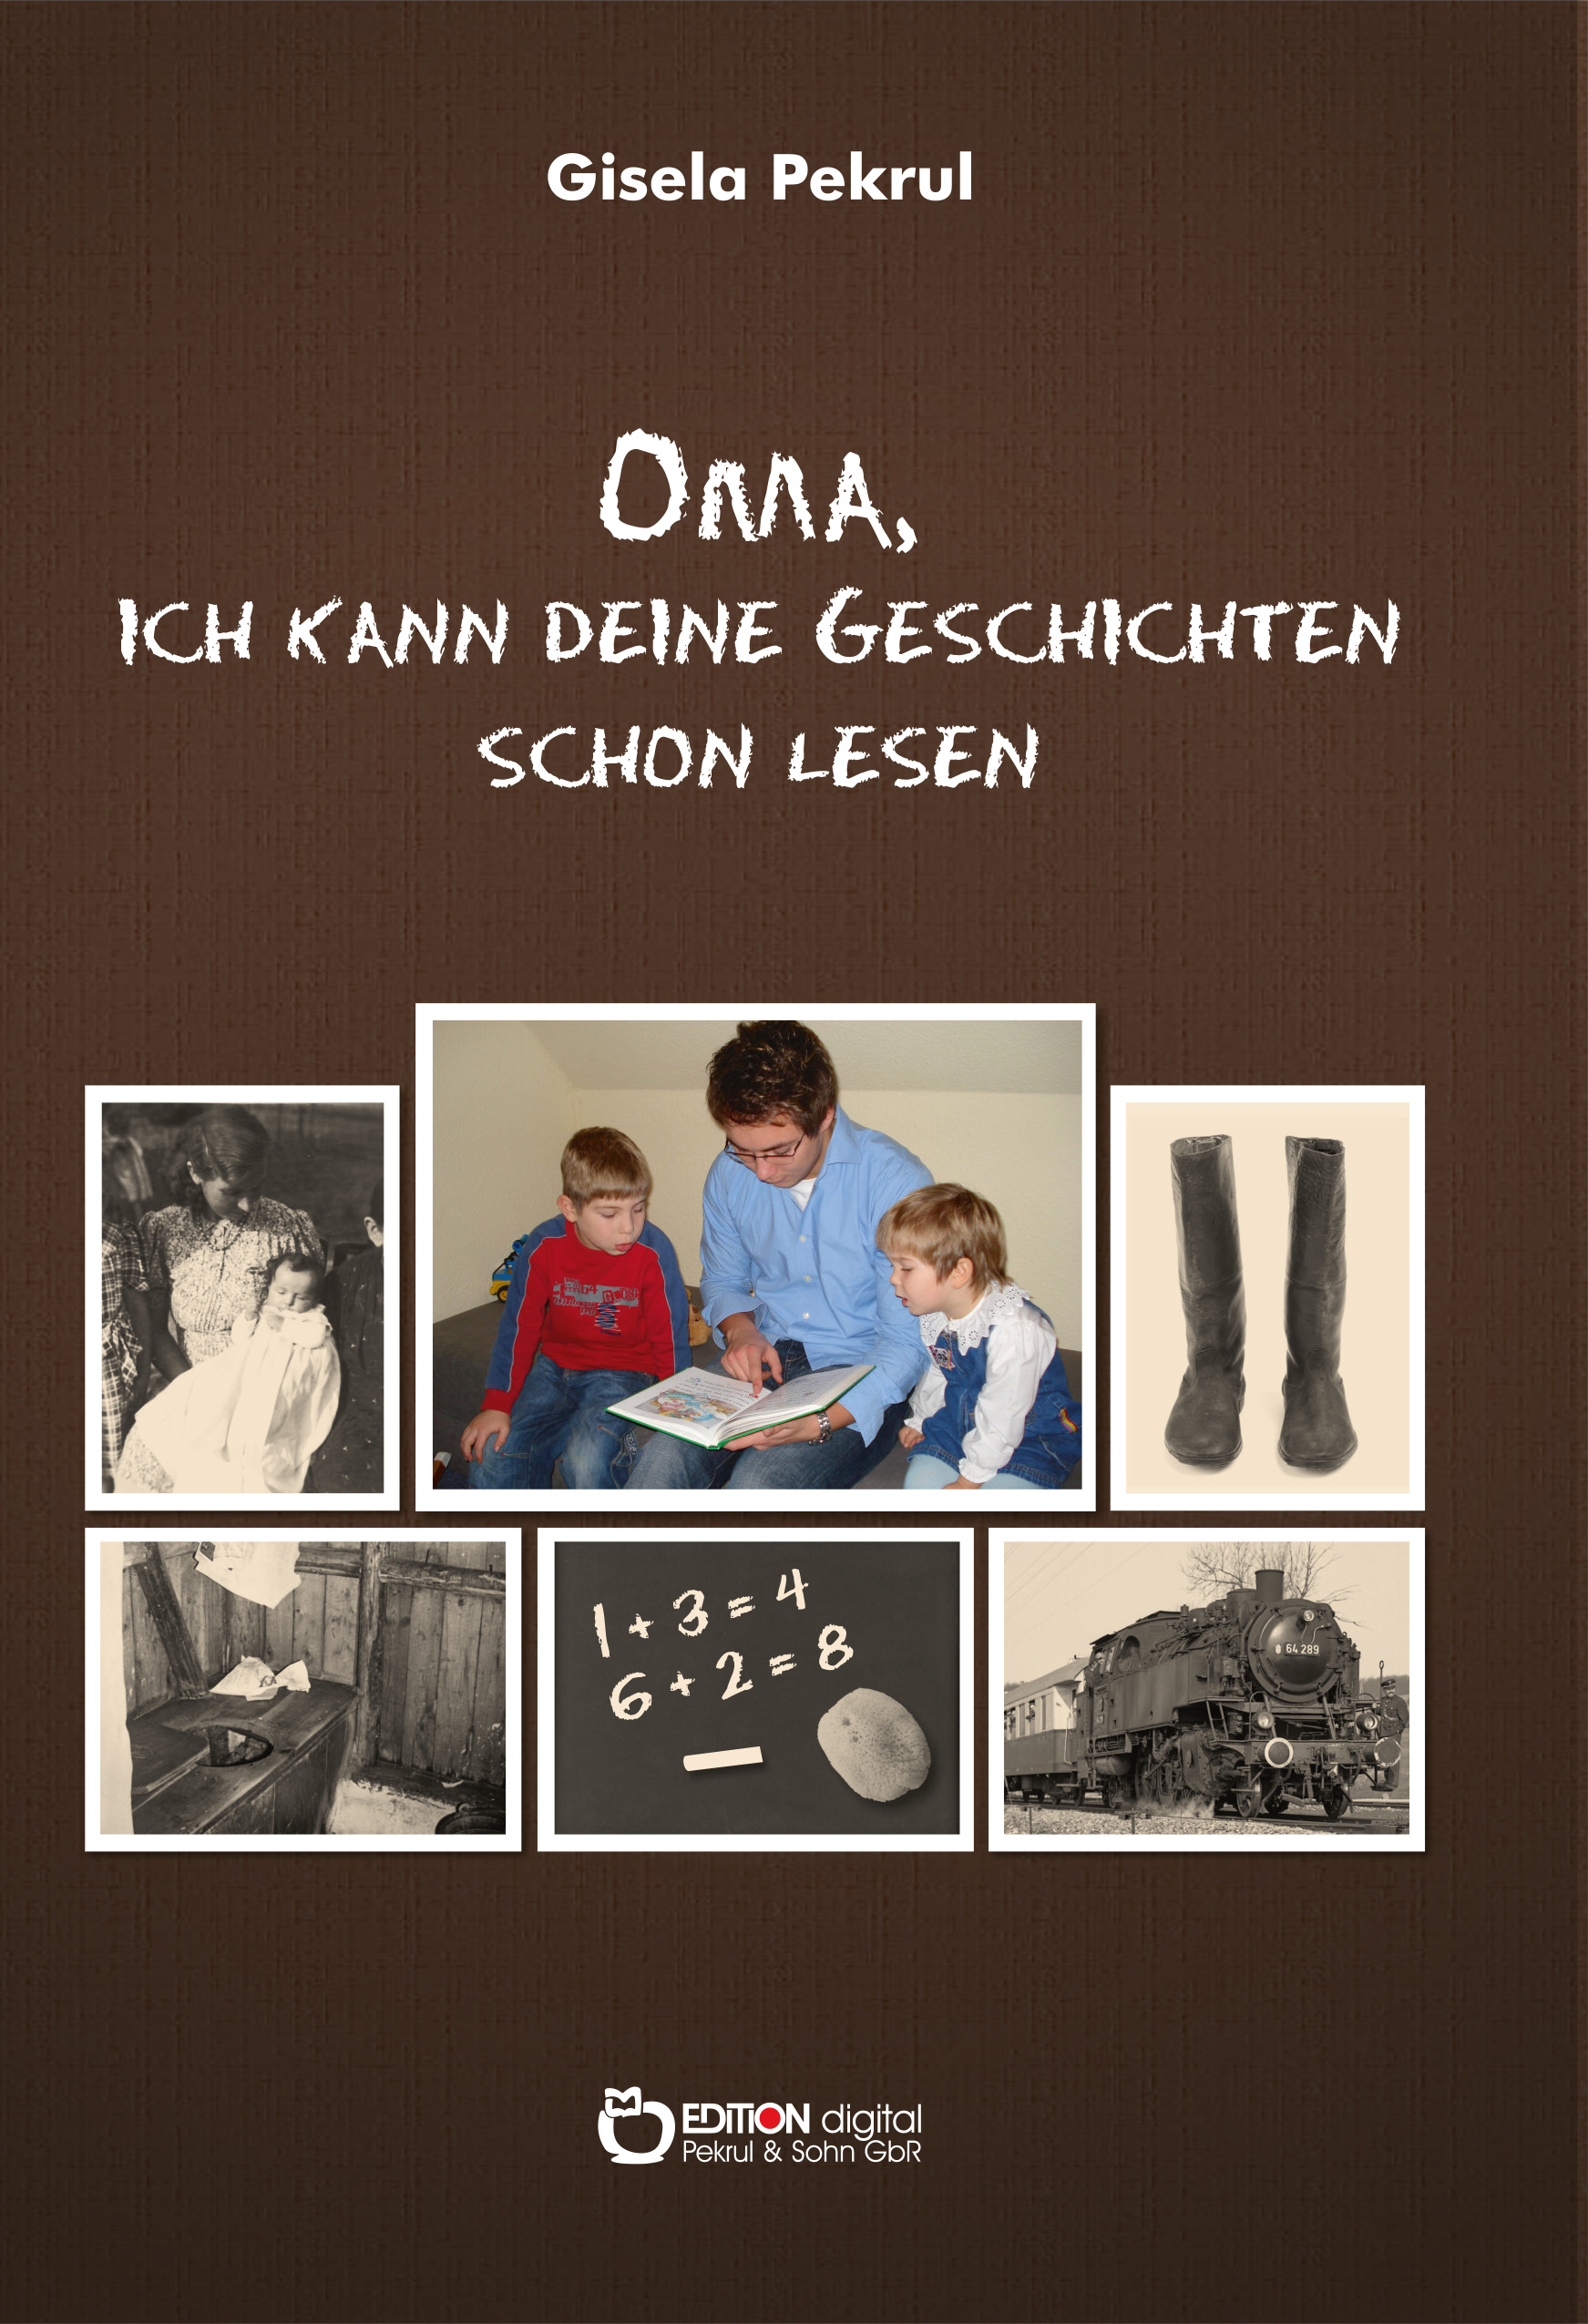 Oma, ich kann deine Geschichten schon lesen von Gisela Pekrul